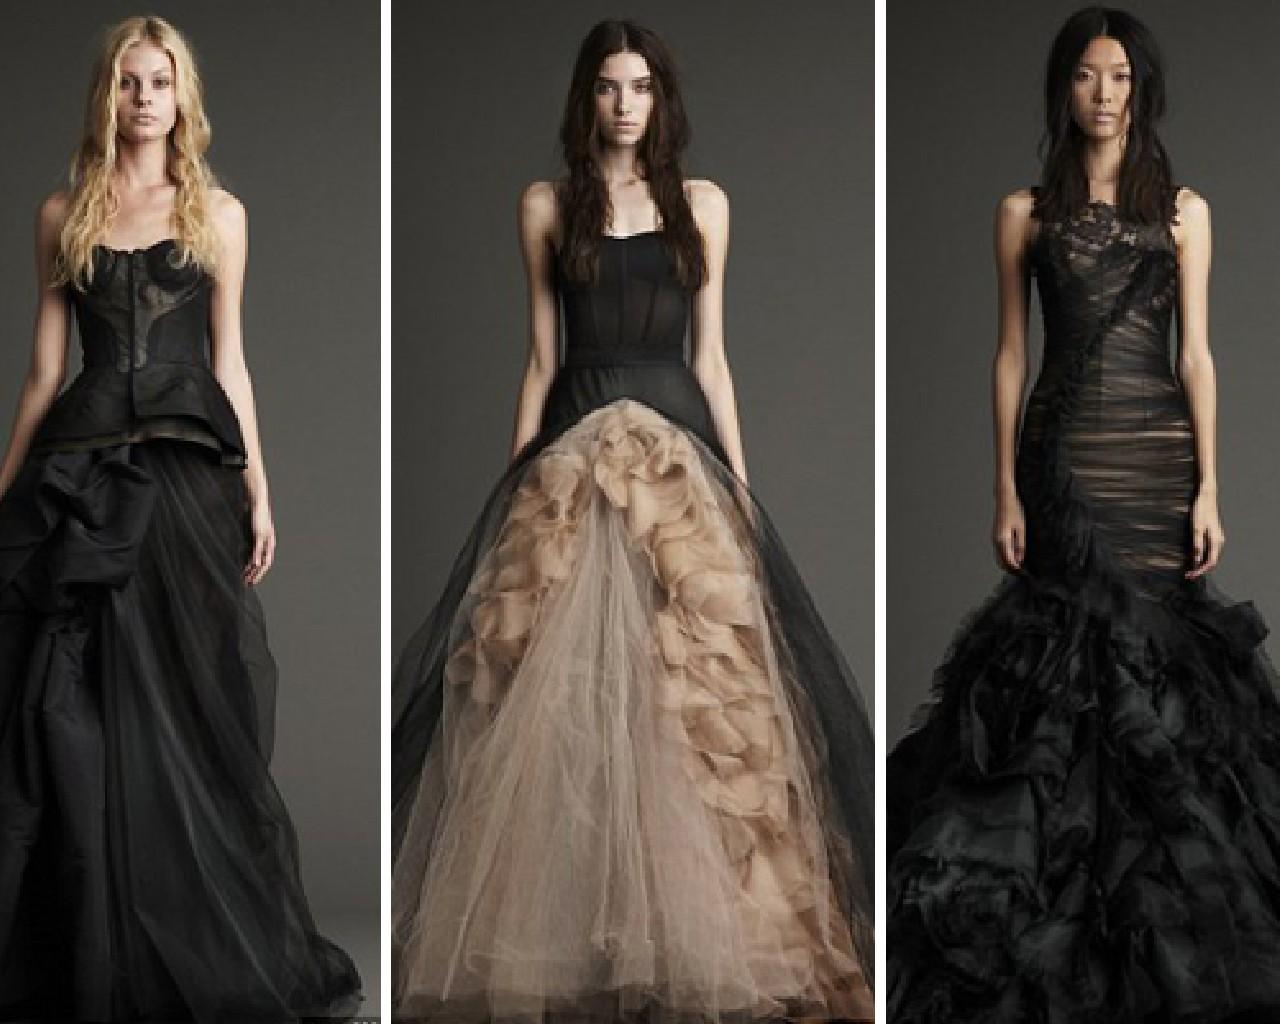 Brideindream: Colored Wedding Dresses